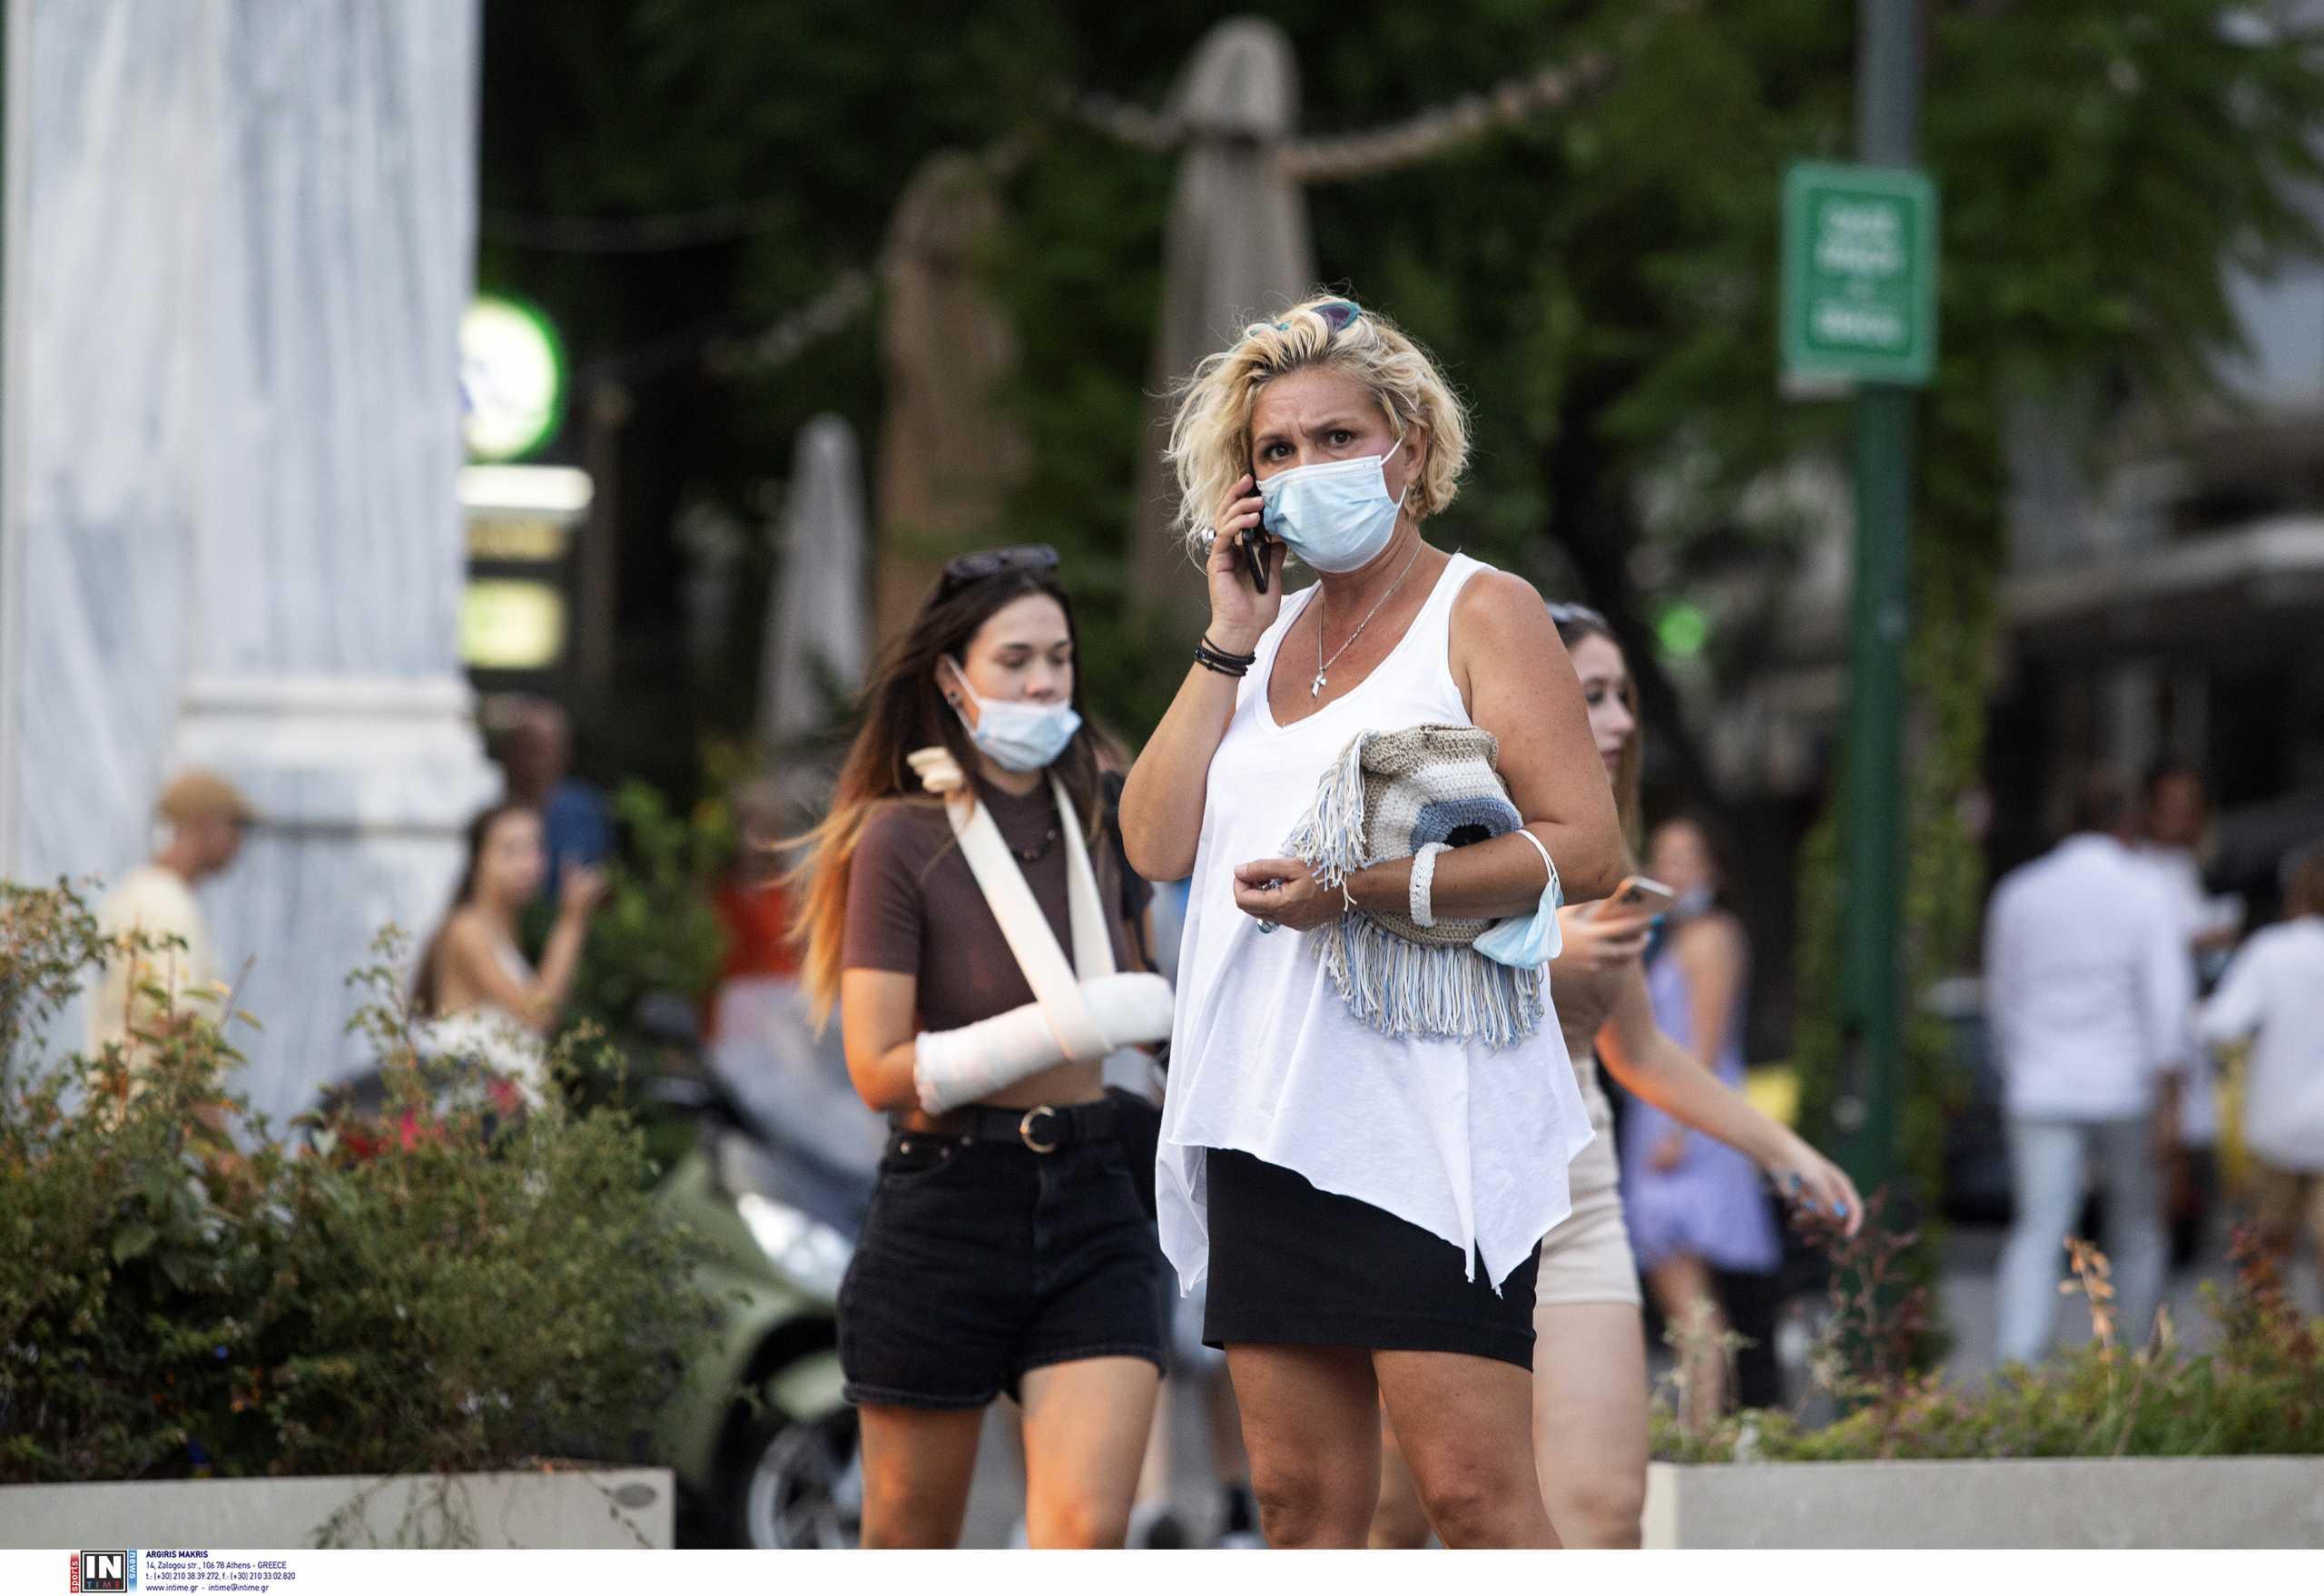 Κορονοϊός: Πάνω από 1000 κρούσματα στην Αττική – «Έκρηξη» στην Ηλεία – Ο χάρτης της διασποράς